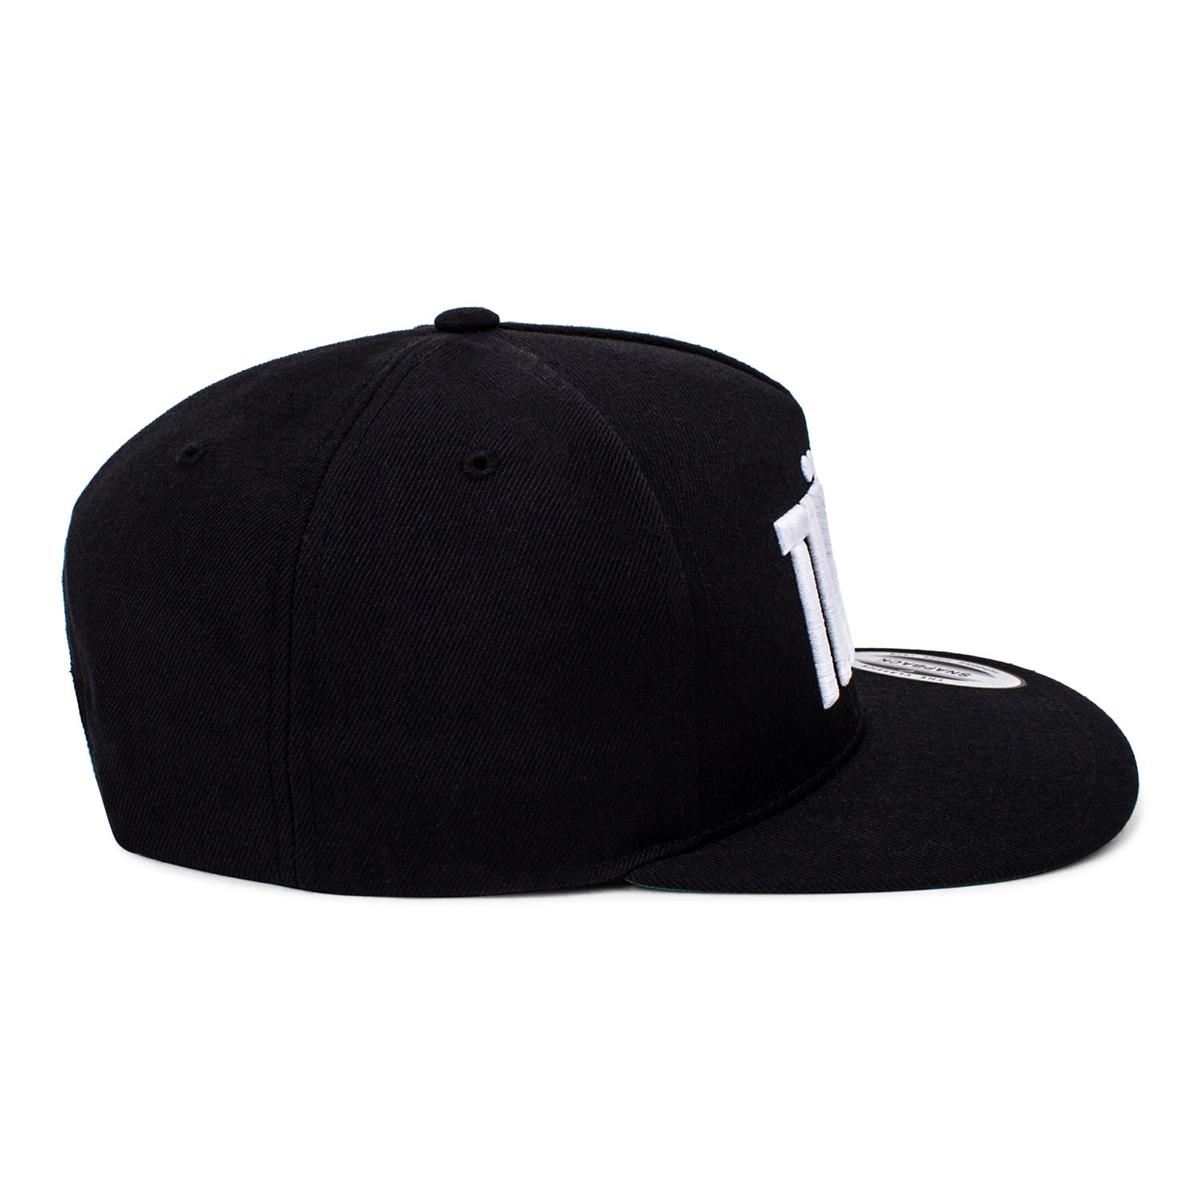 'Boxed' Logo Snapback Hat - White/Black